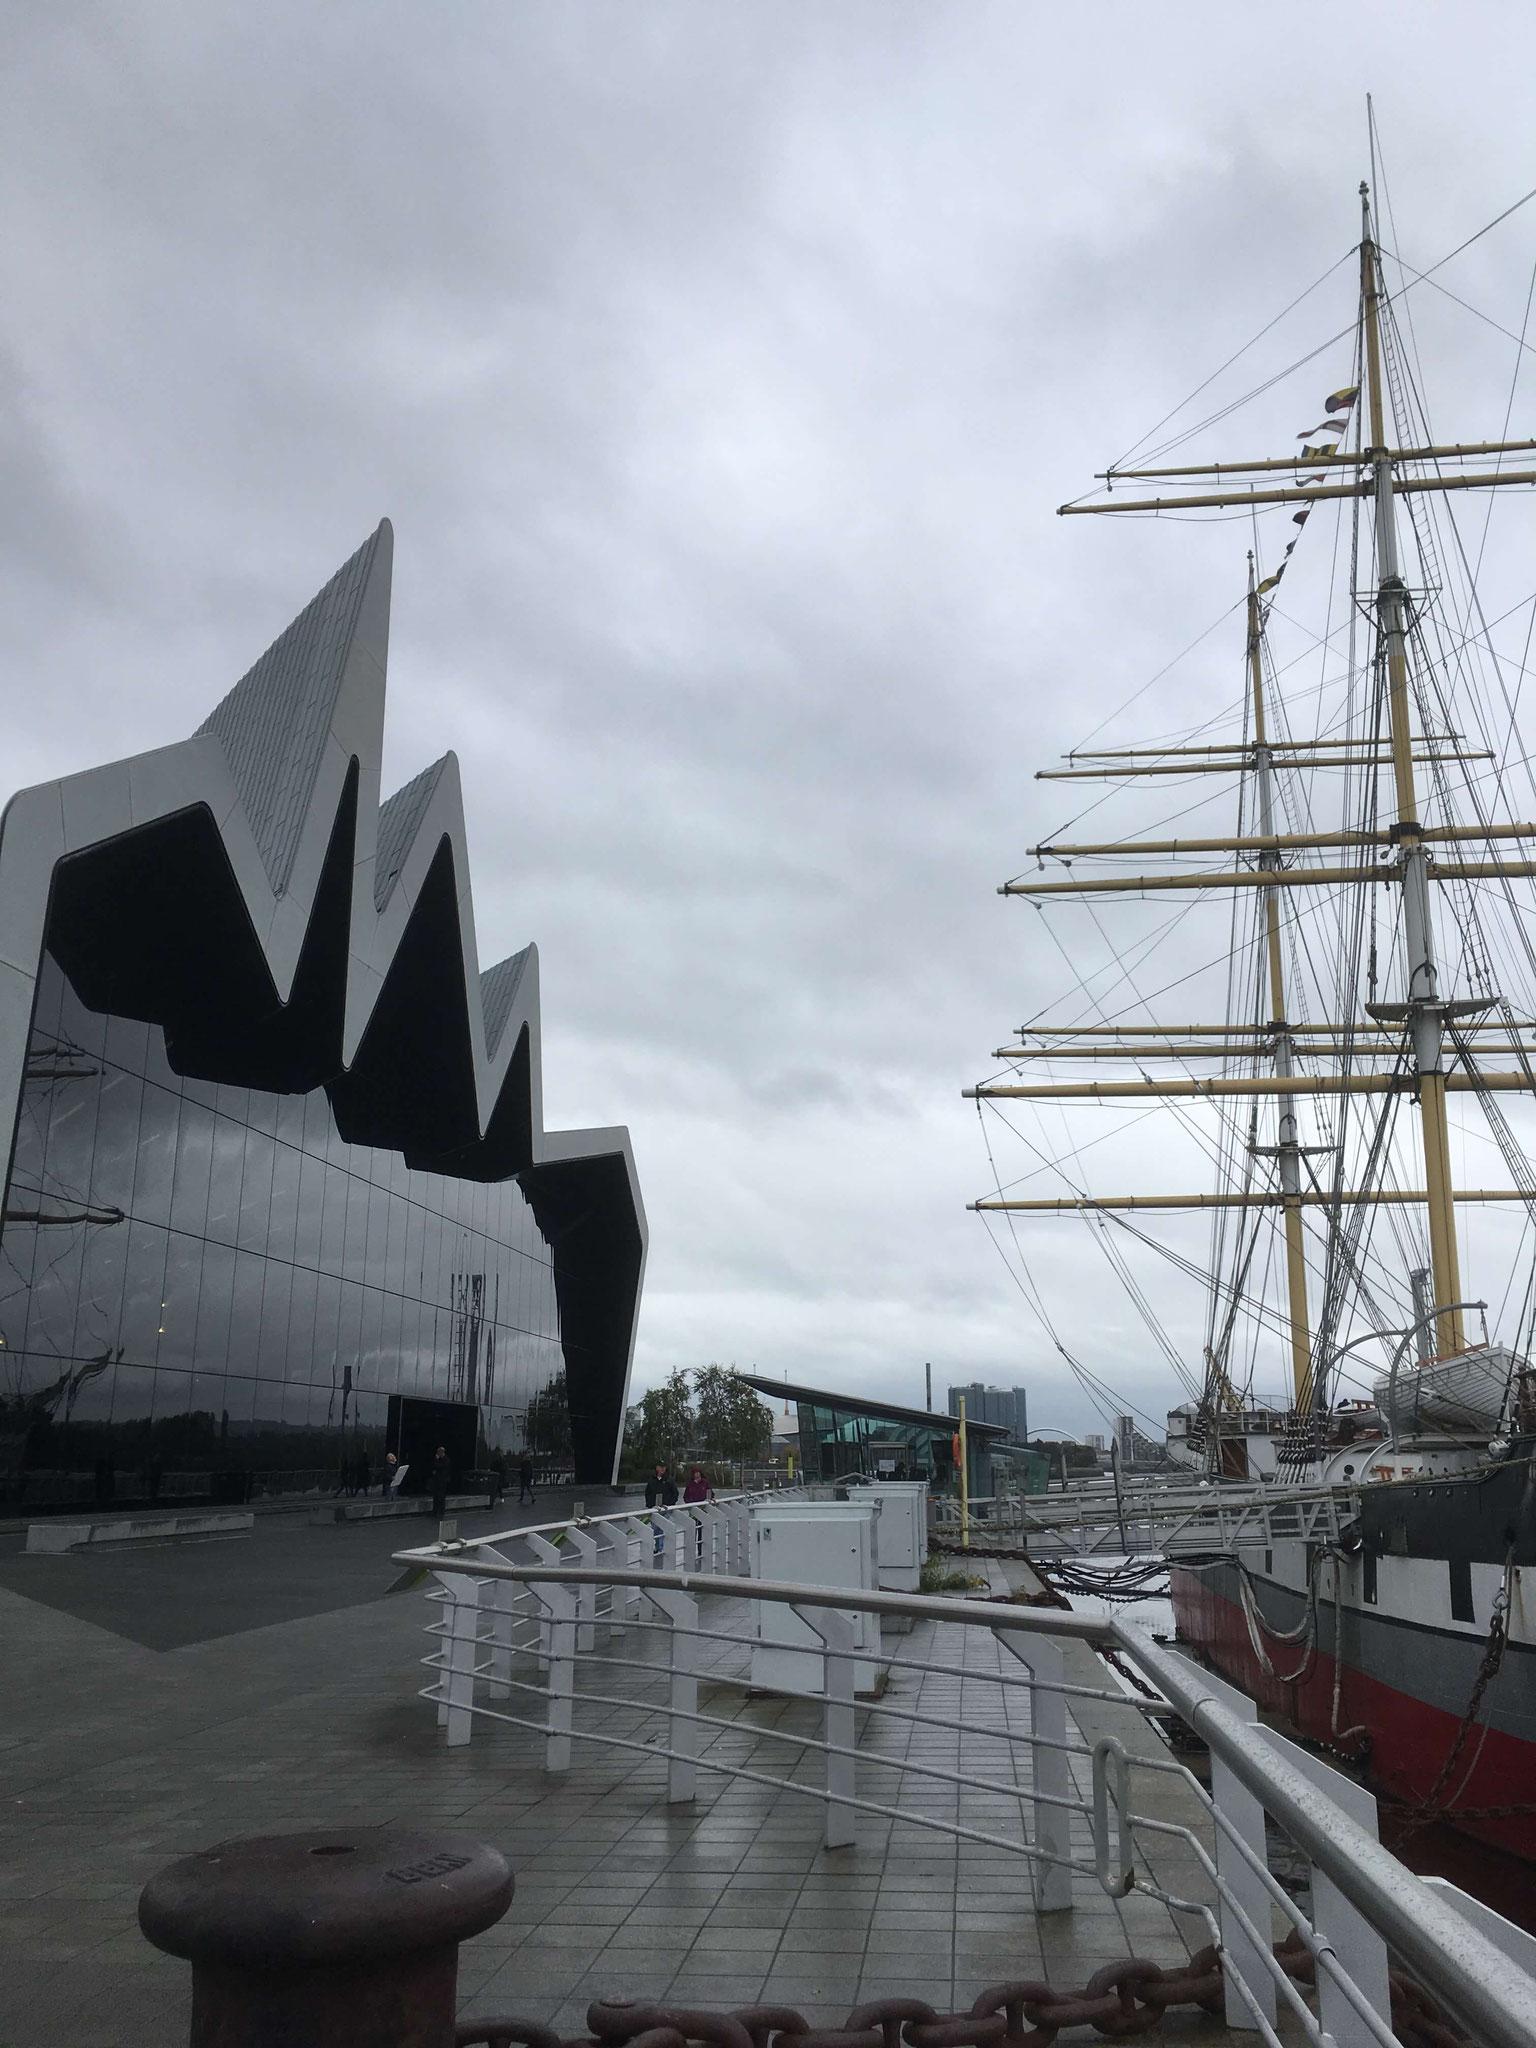 Riverside Museum und Tallship Glenlee, Glasgow